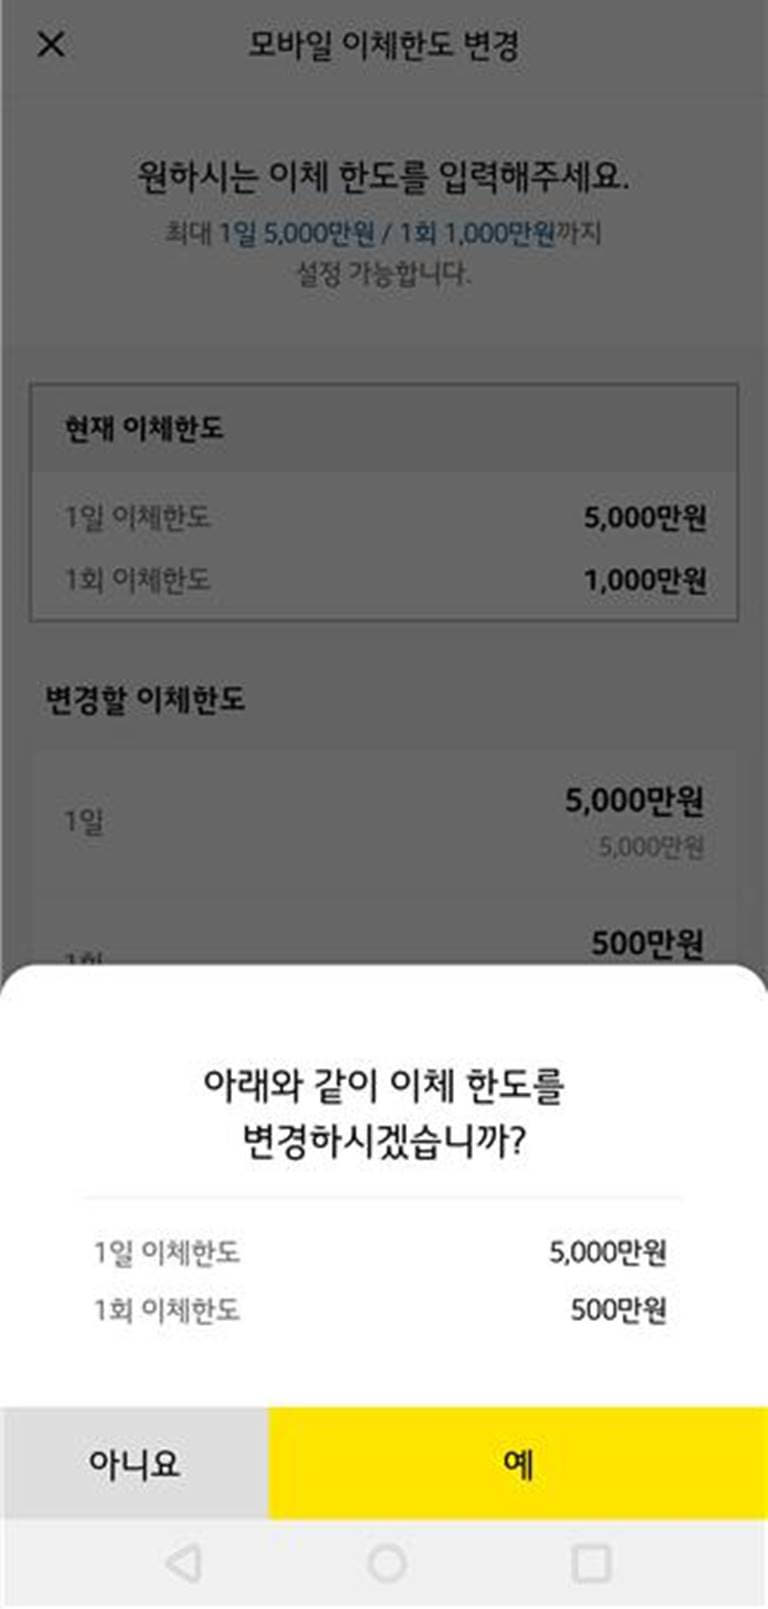 카카오뱅크 이체한도 확인과 변경